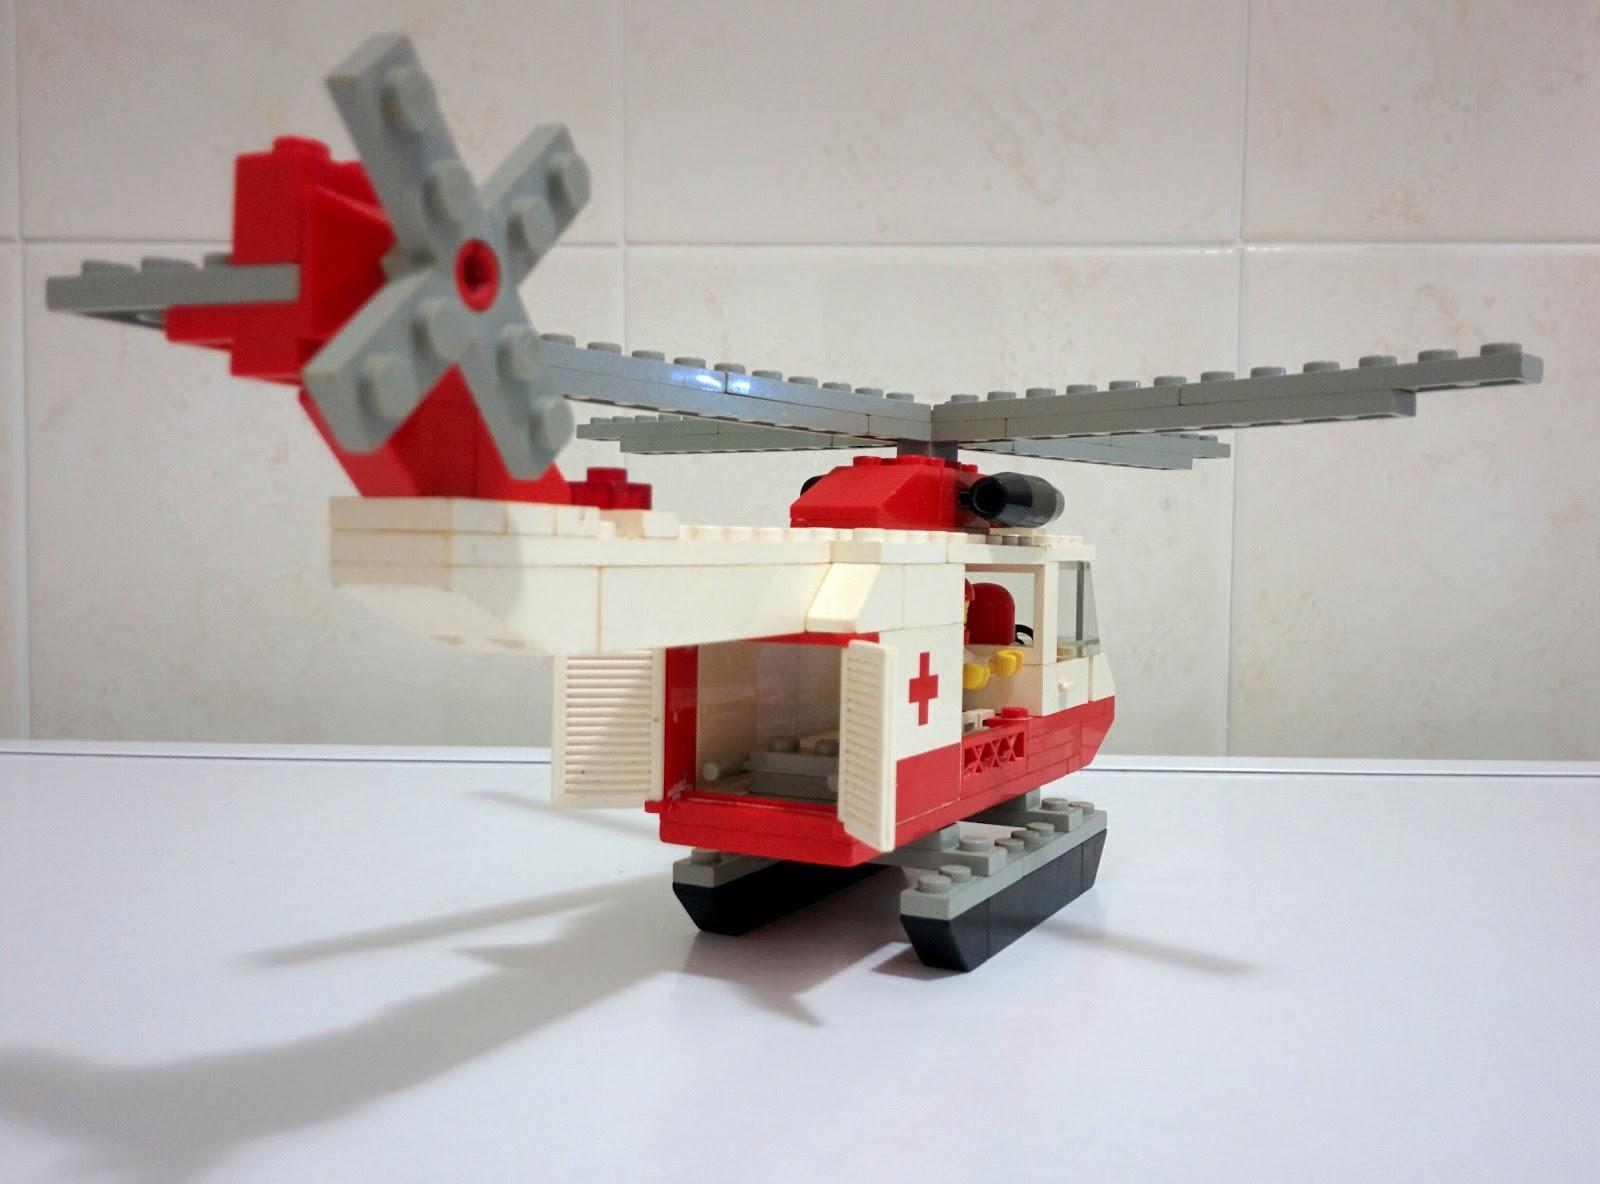 Elicottero Croce Rossa Italiana : Lowcuras lego set elicottero croce rossa red cross